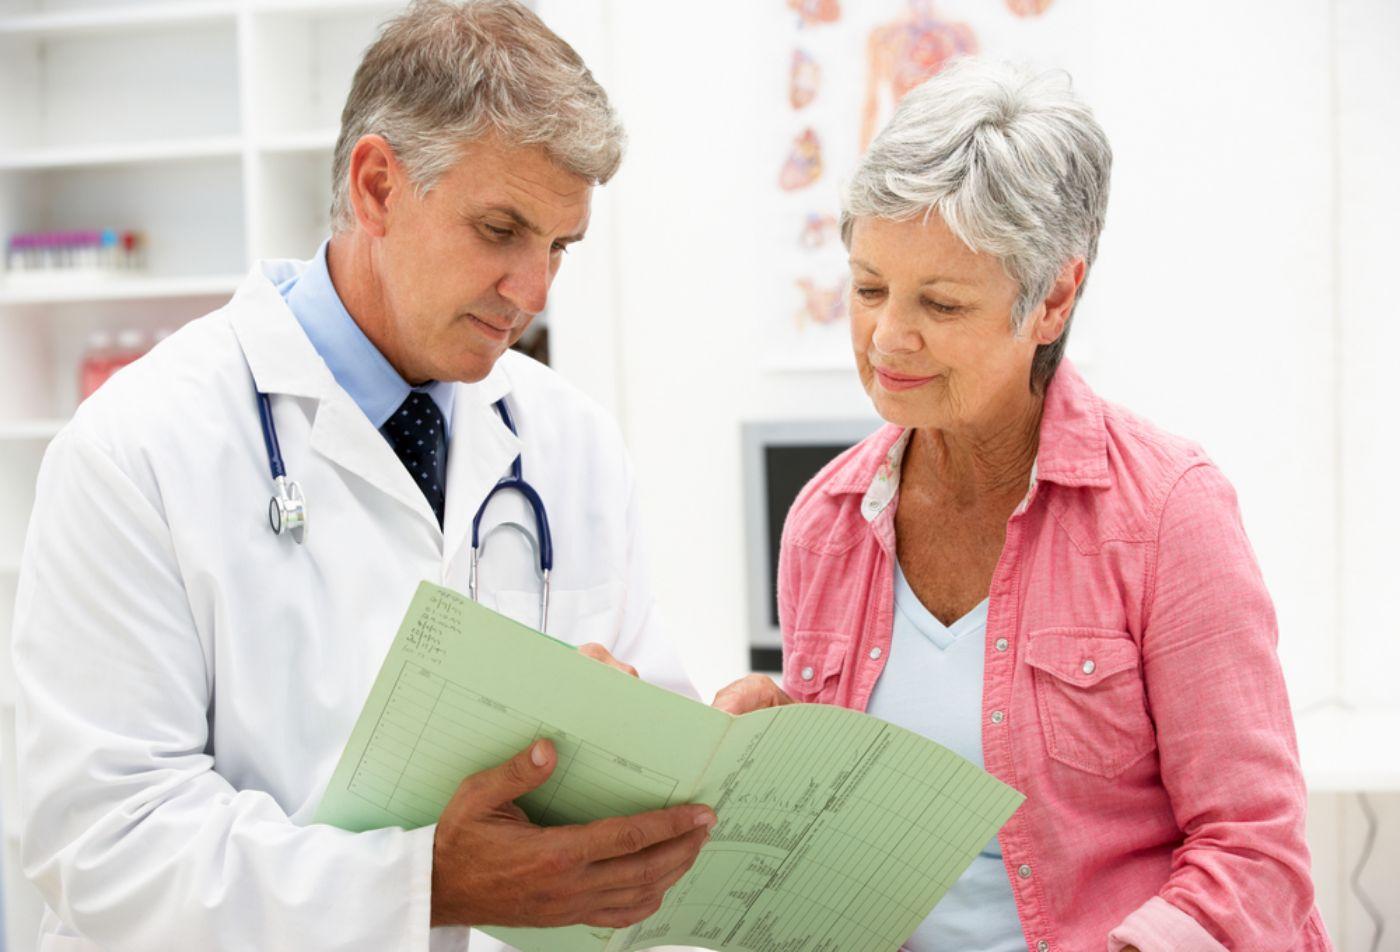 pyelogram treatment